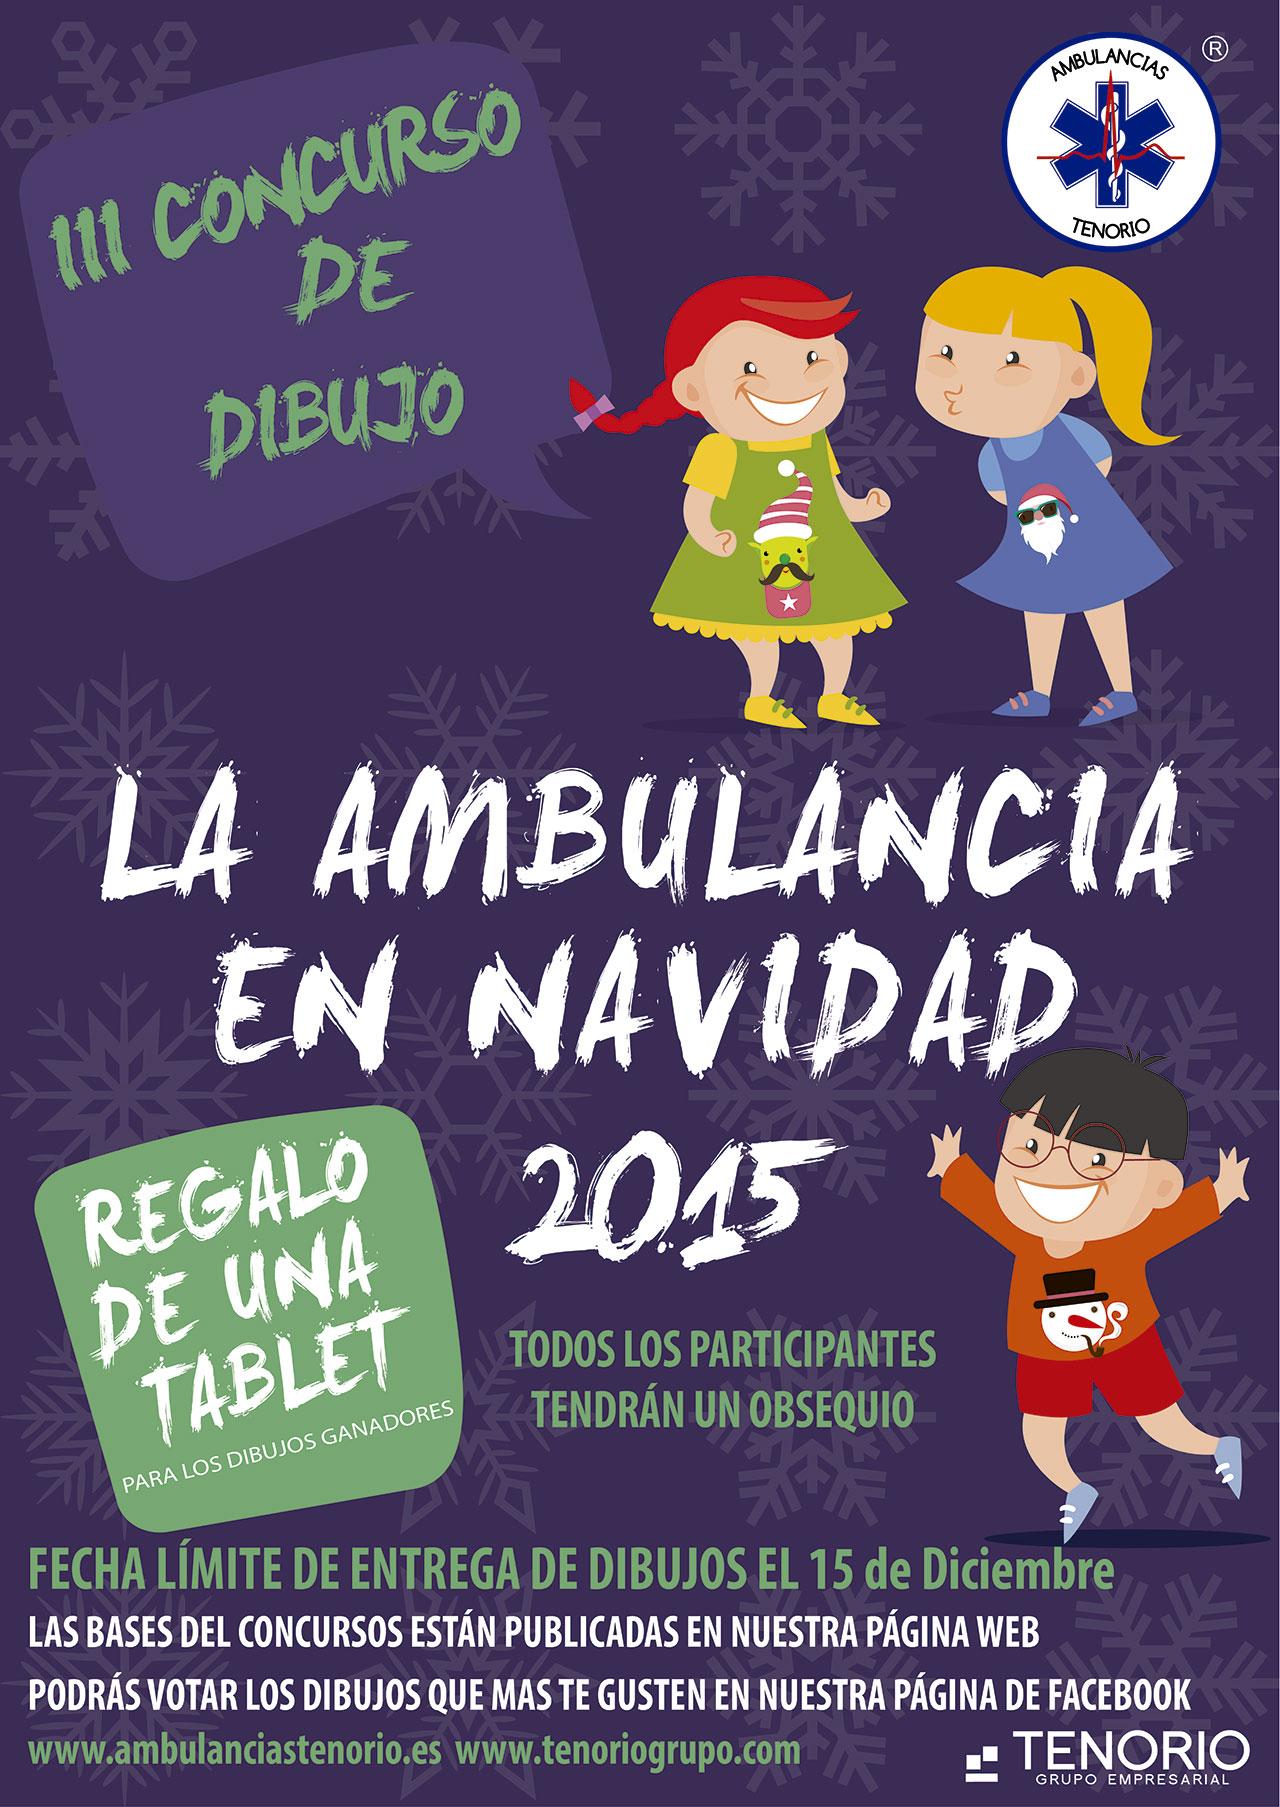 https://ambulanciastenorio.com/wp-content/uploads/2015/12/Cartel-III-Concurso-Ambulancia-en-Navidad-2015-Ok.jpg